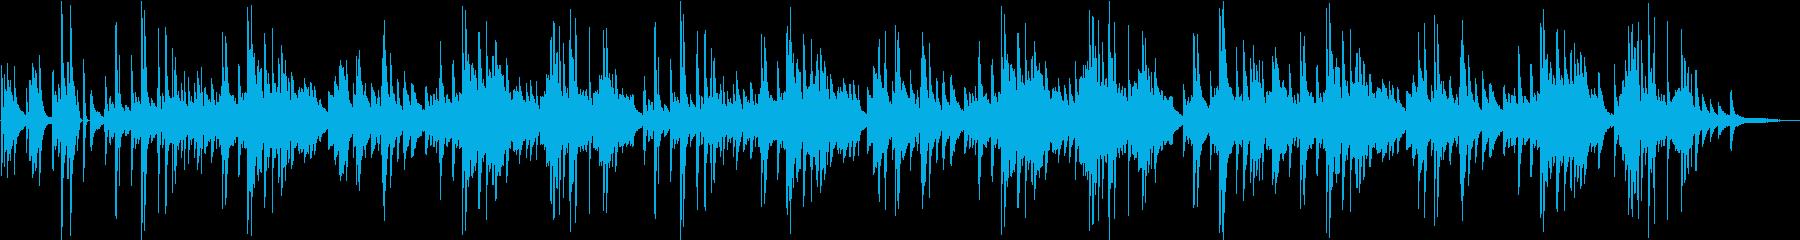 「シューベルトの子守唄」エモいチルピアノの再生済みの波形